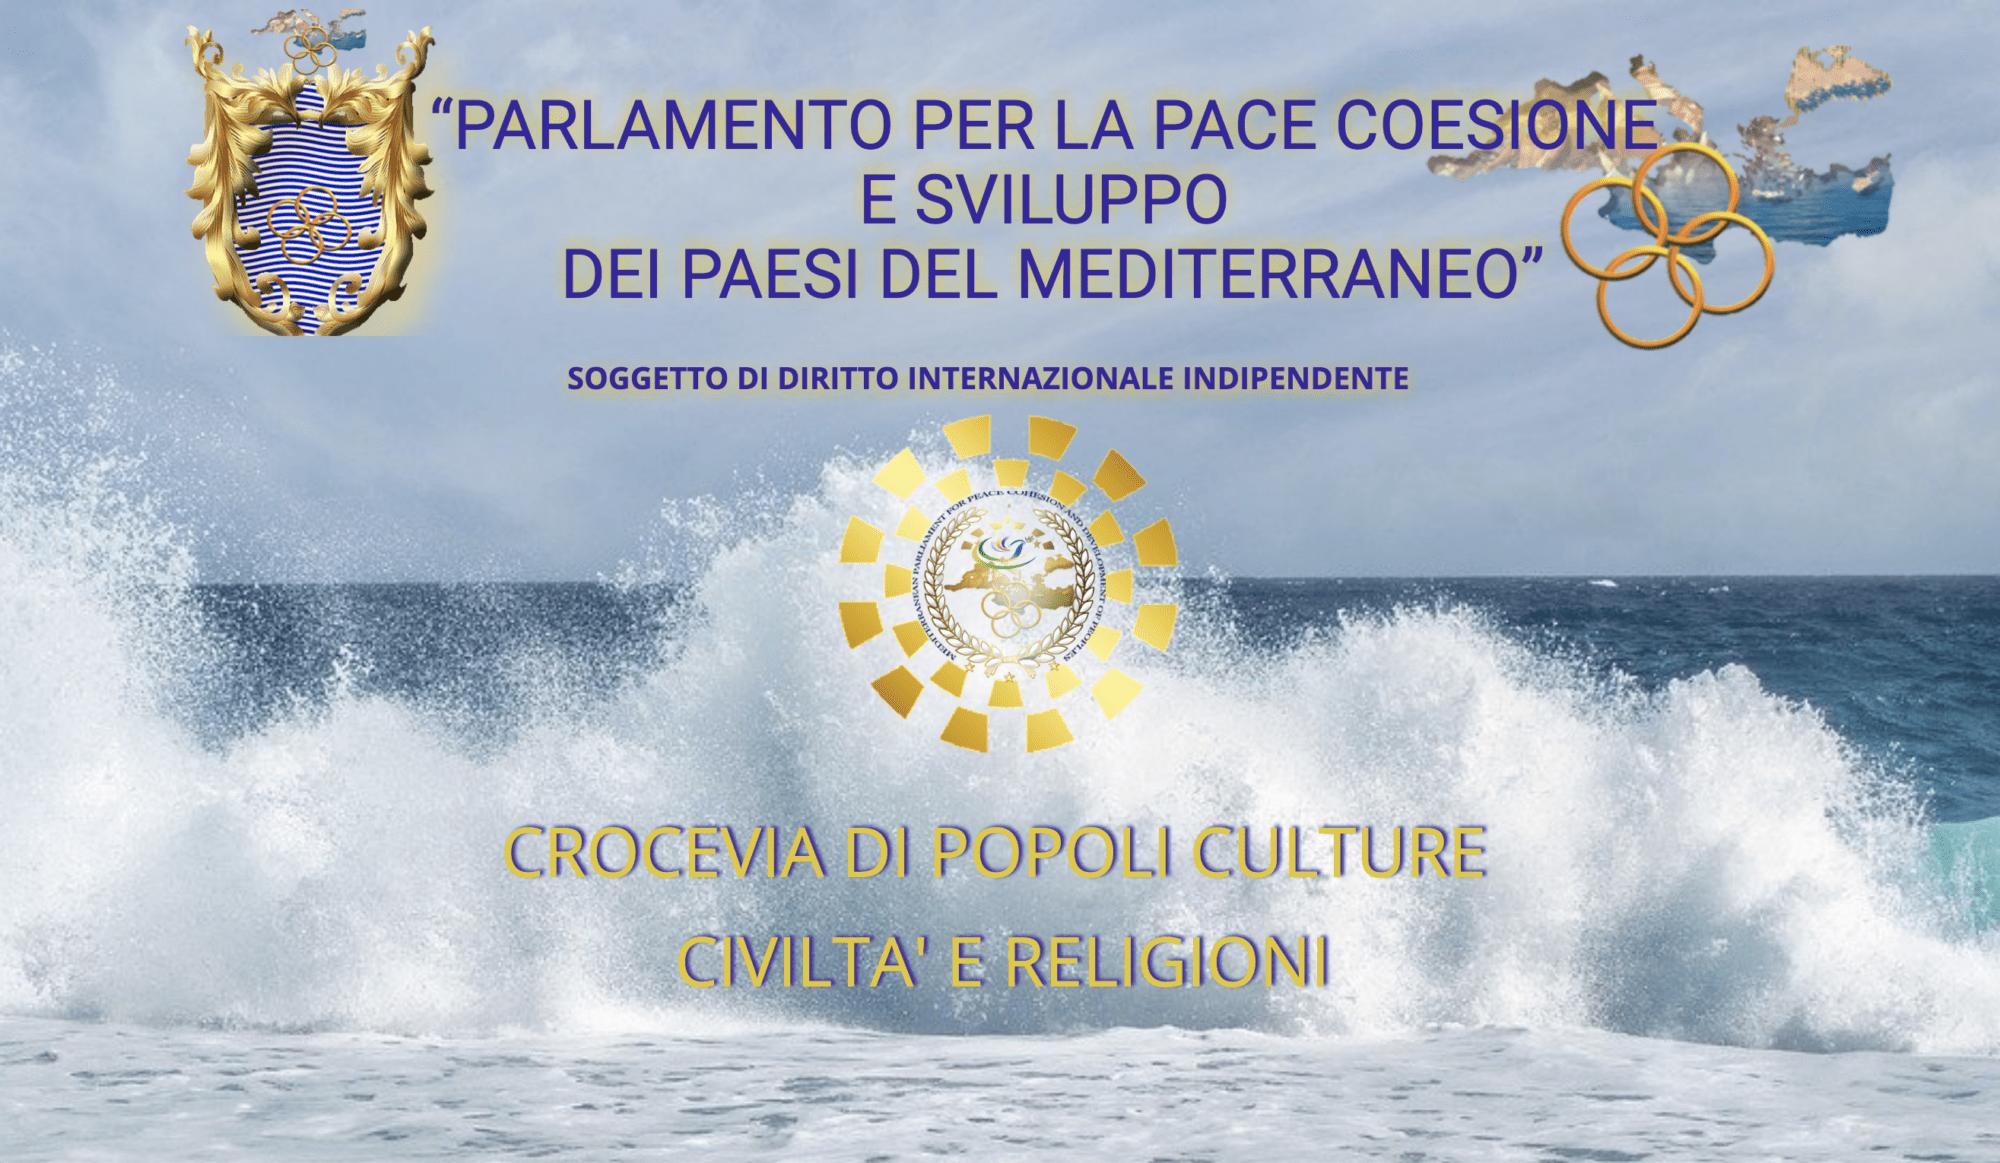 PARLAMENTO DEL MEDITERRANEO: CROCEVIA DI POPOLI CULTURE CIVILTA' E RELIGIONI